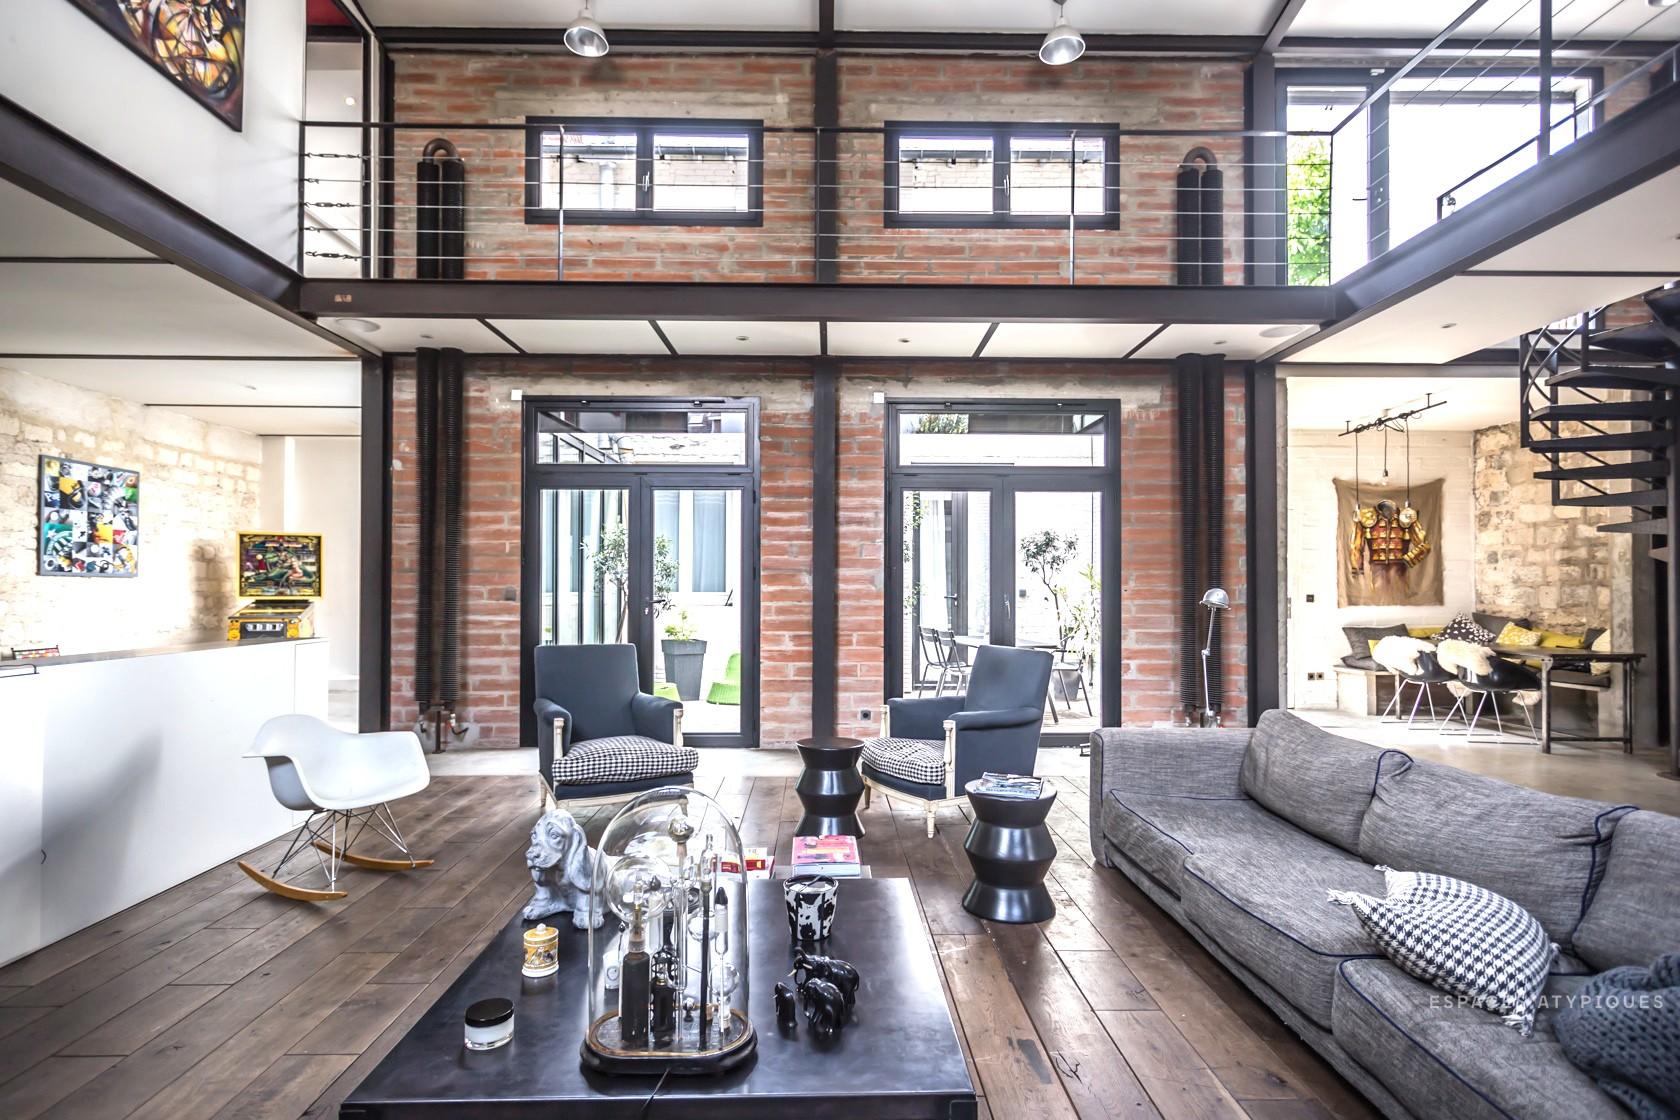 Interior industrial loft style virlova style - Virlova style ...